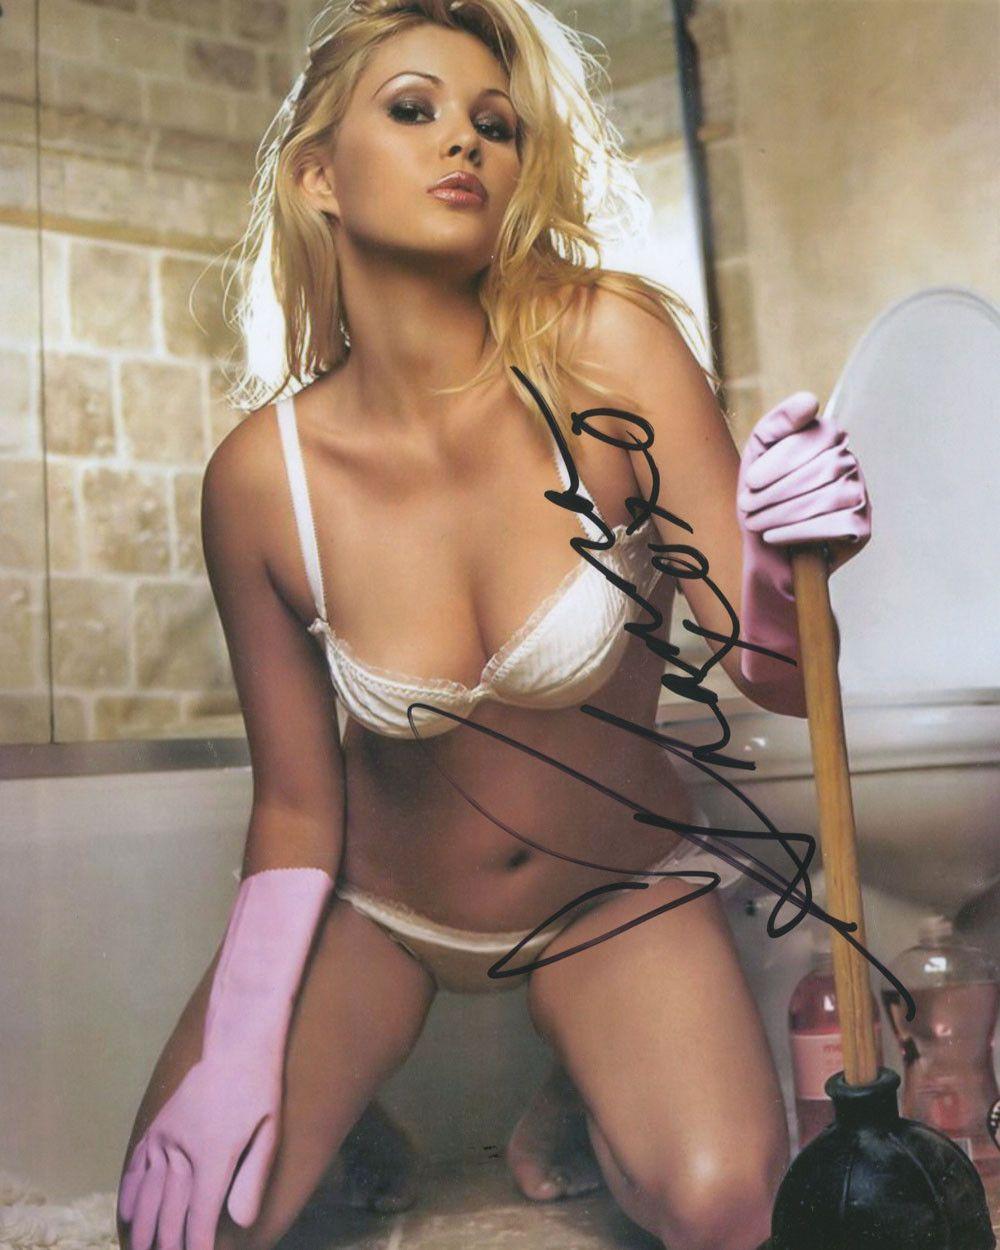 sexy bikini photos of shanna moakler